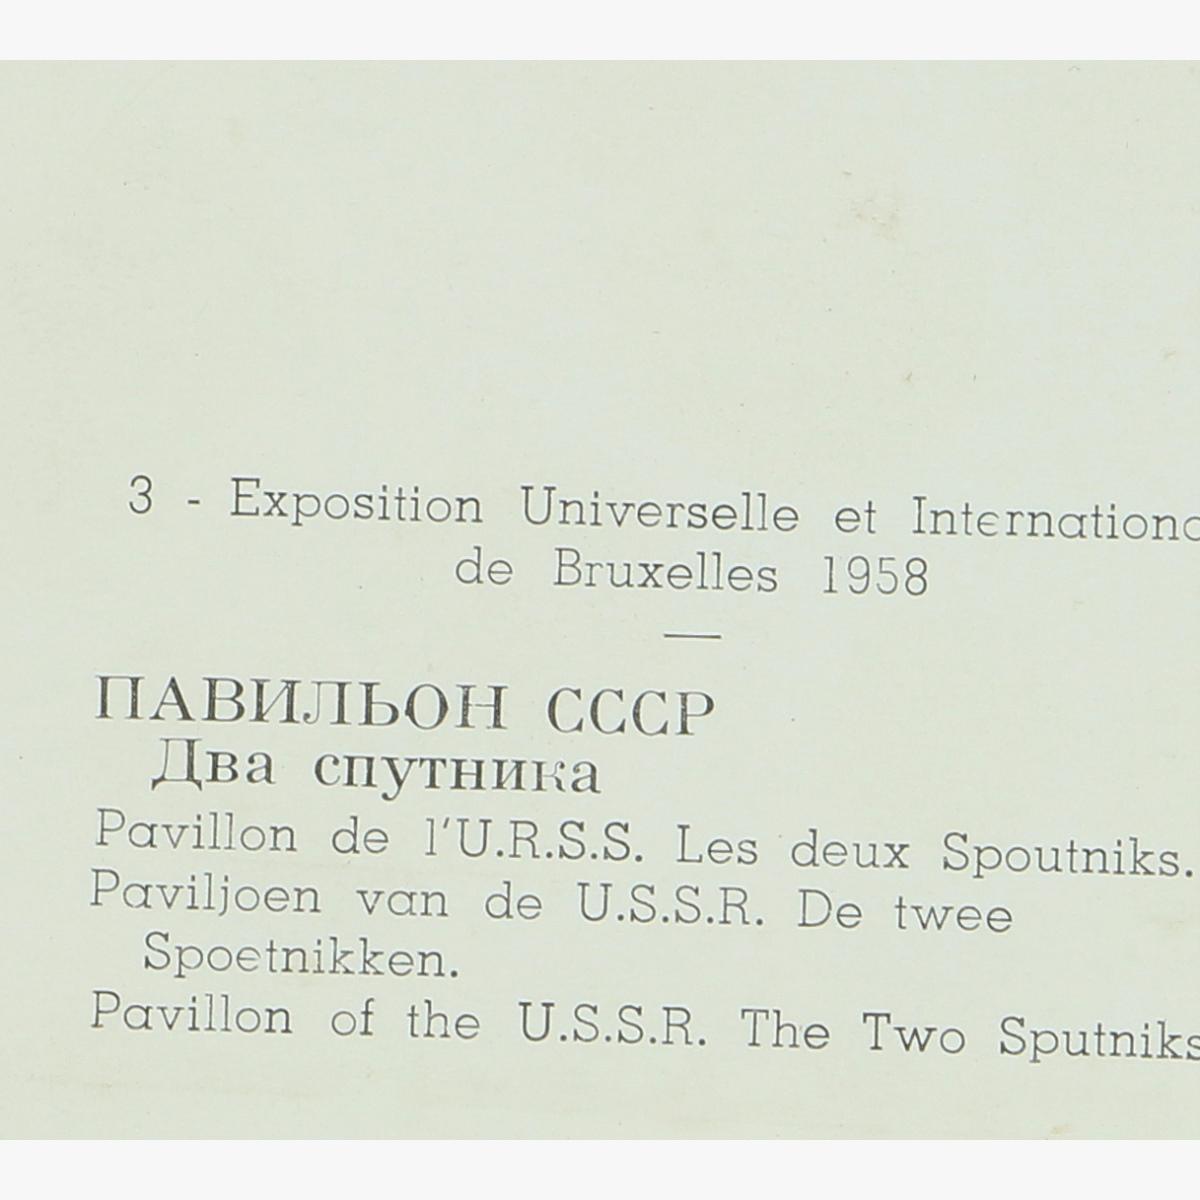 Afbeeldingen van expo 58 postkaart paviljoen van u.s.s.r. de twee spoetnikken